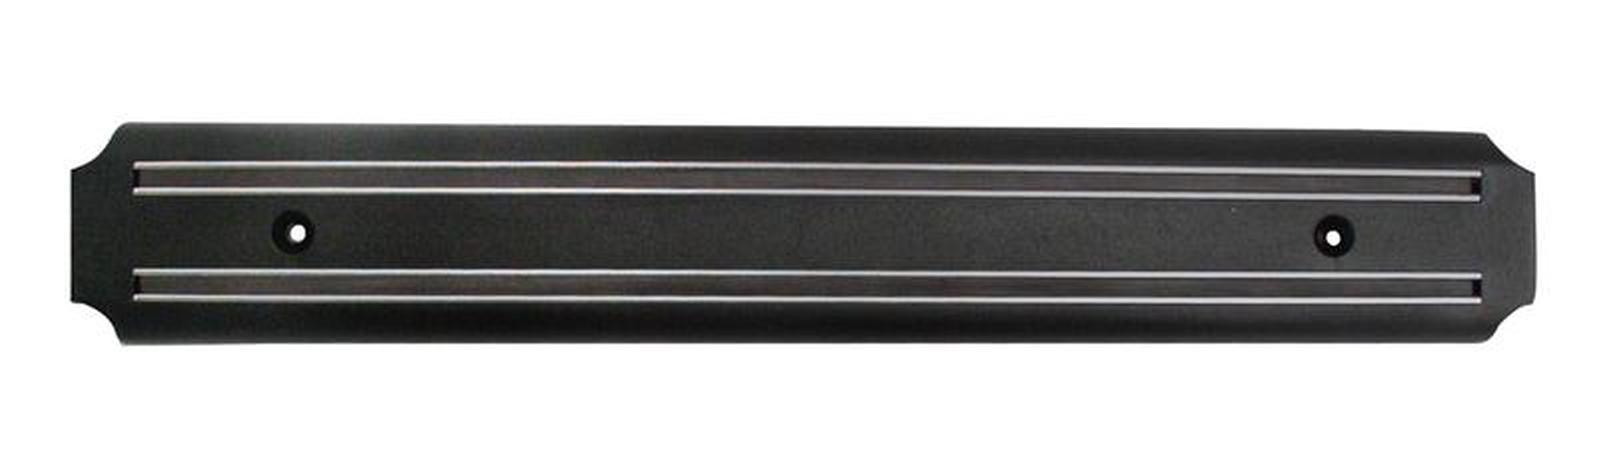 Provence Lišta magnetická na nože, 33 x 3 cm